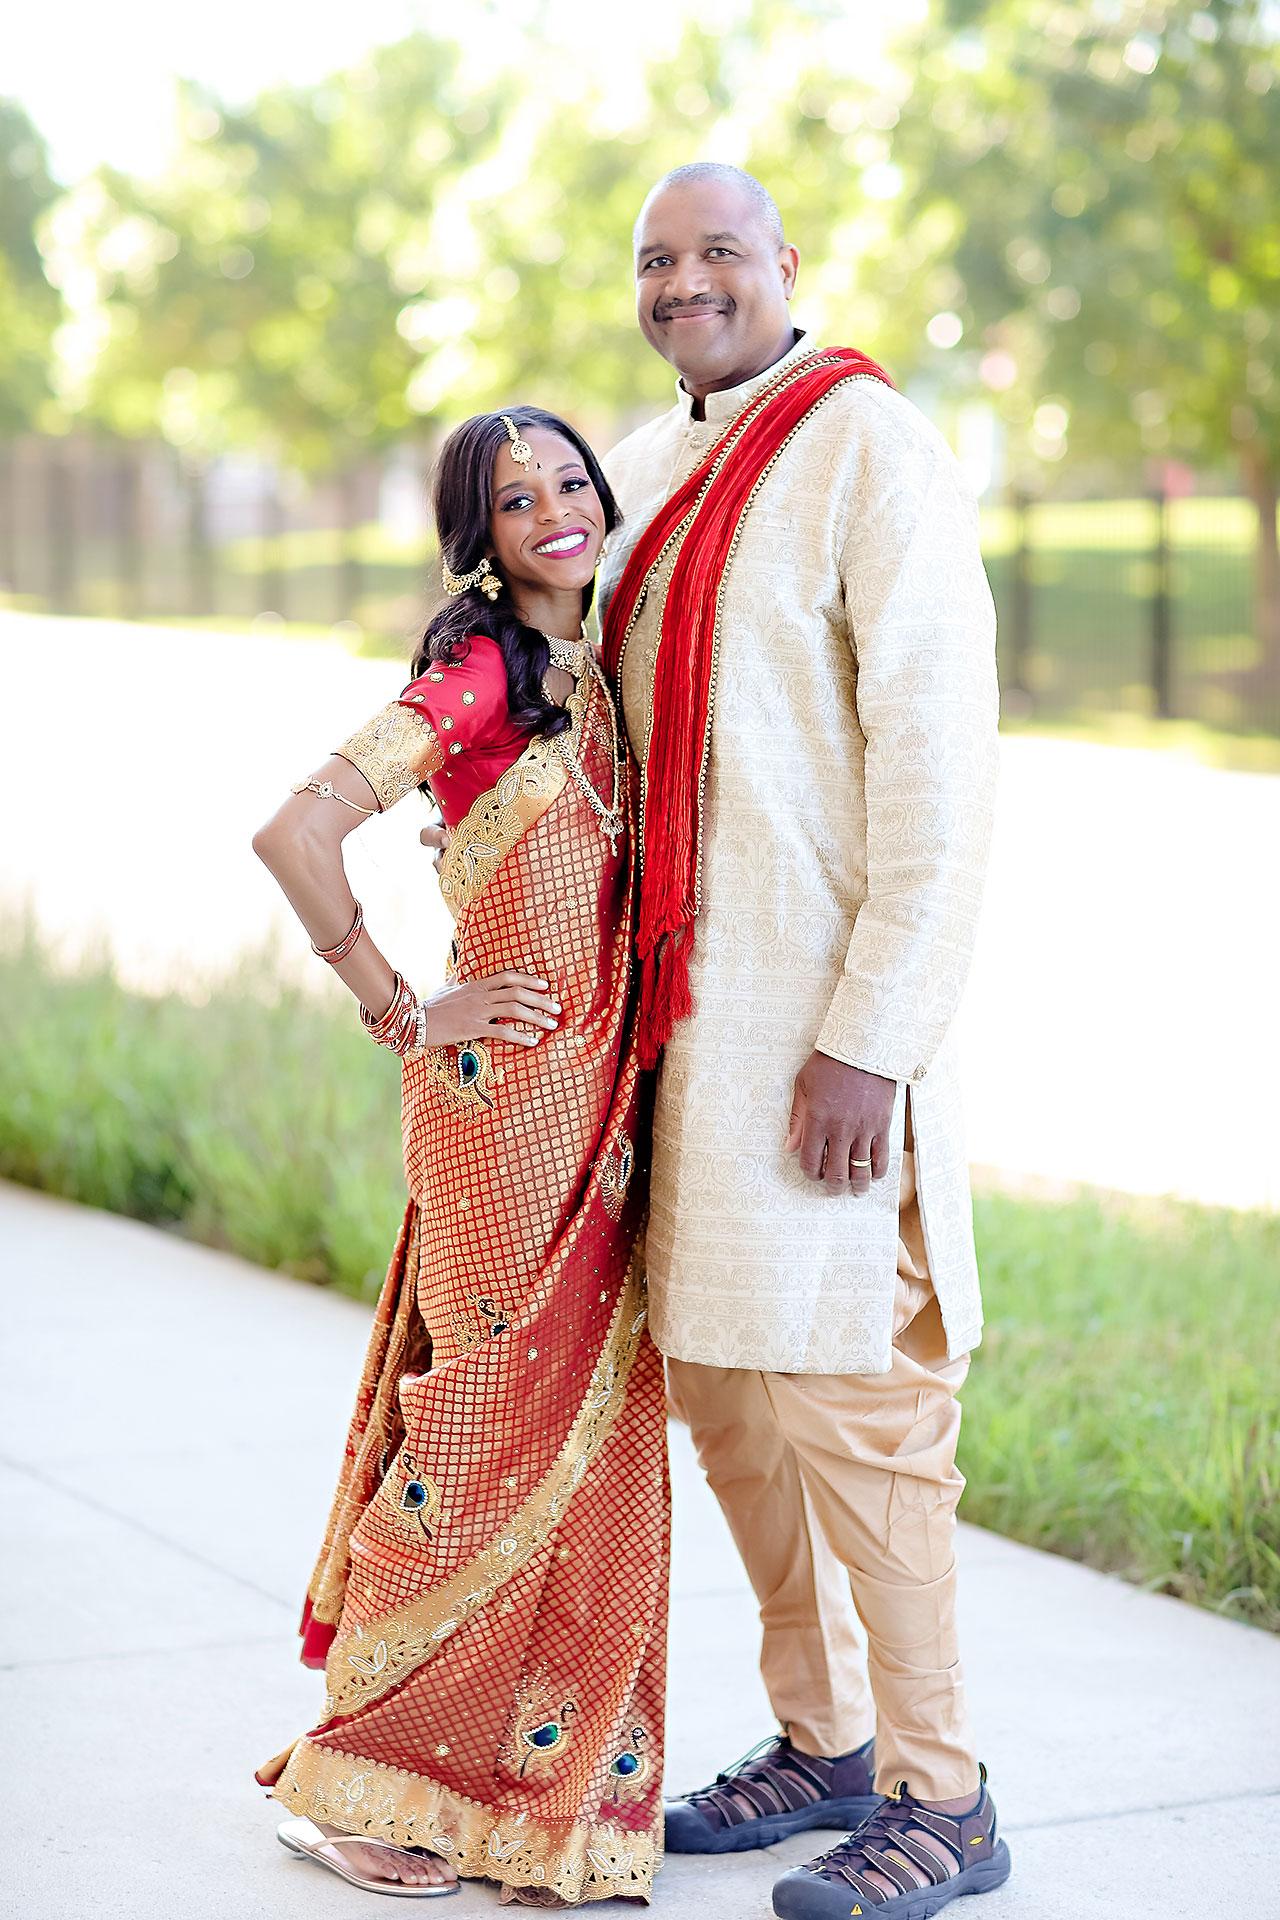 Joie Nikhil JW Marriott Indian Wedding 102